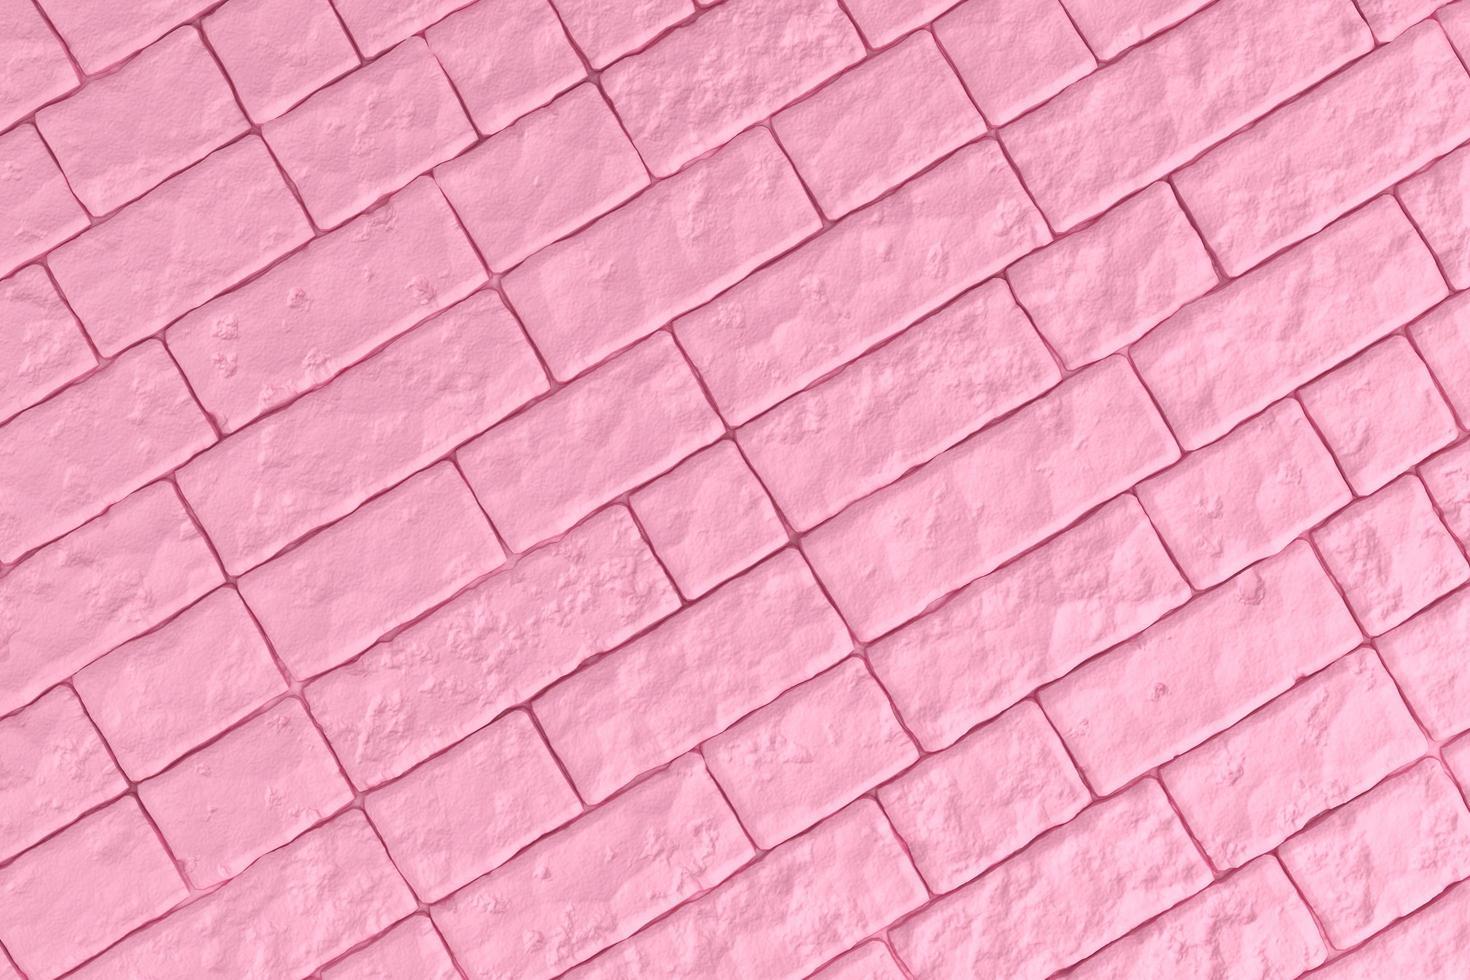 3D-afbeelding van een roze bakstenen muur foto